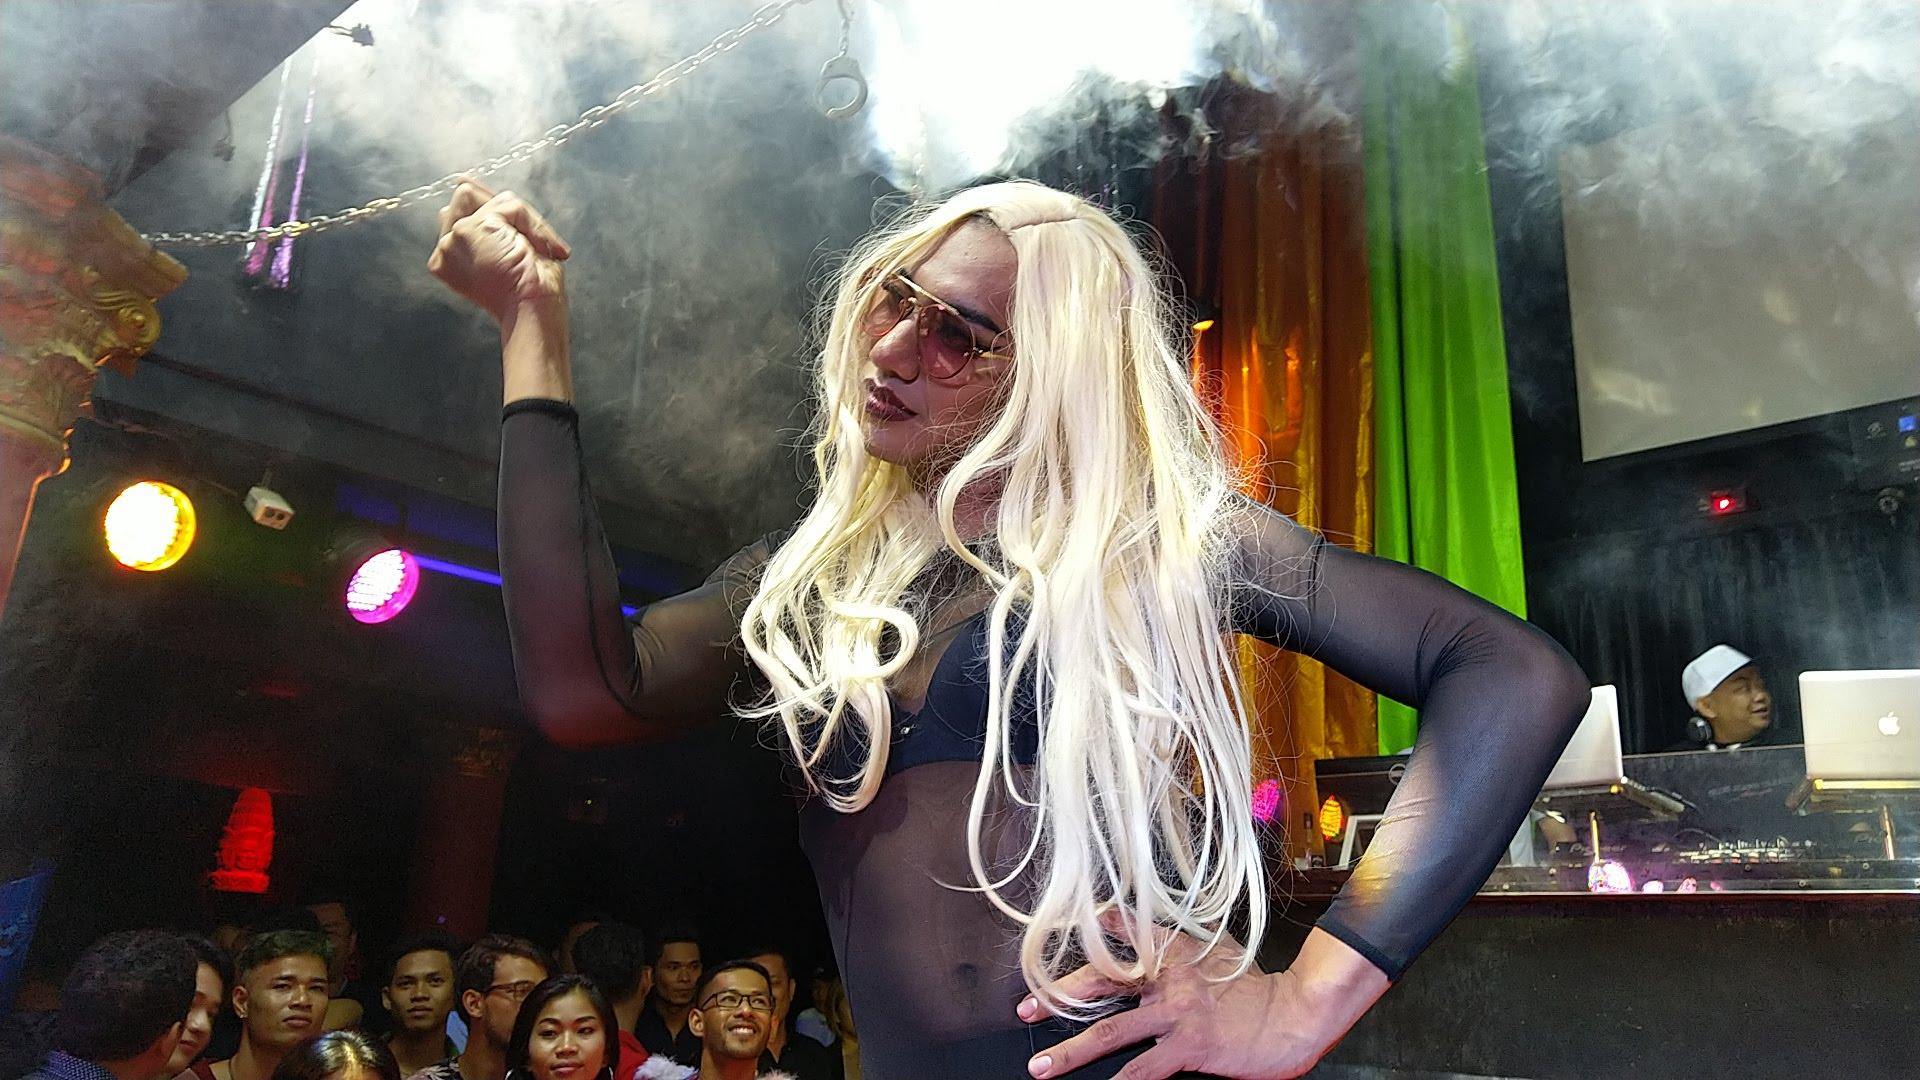 Heart Of Darkness-Cambodia-Gay Bar-Night Club-LGBT-Phnom Penh (9)